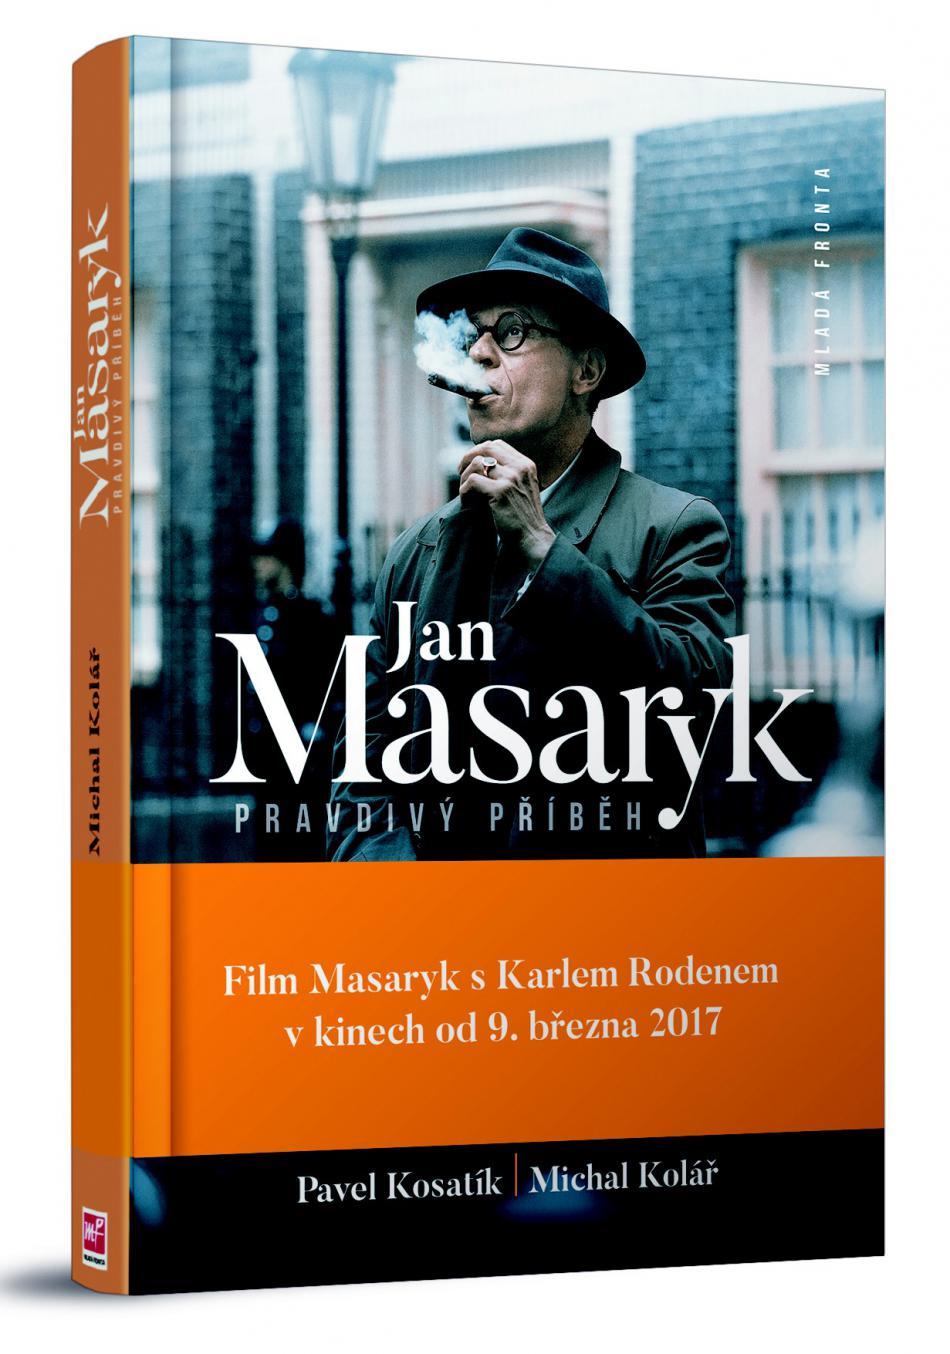 Jan Masaryk - pravdivý příběh